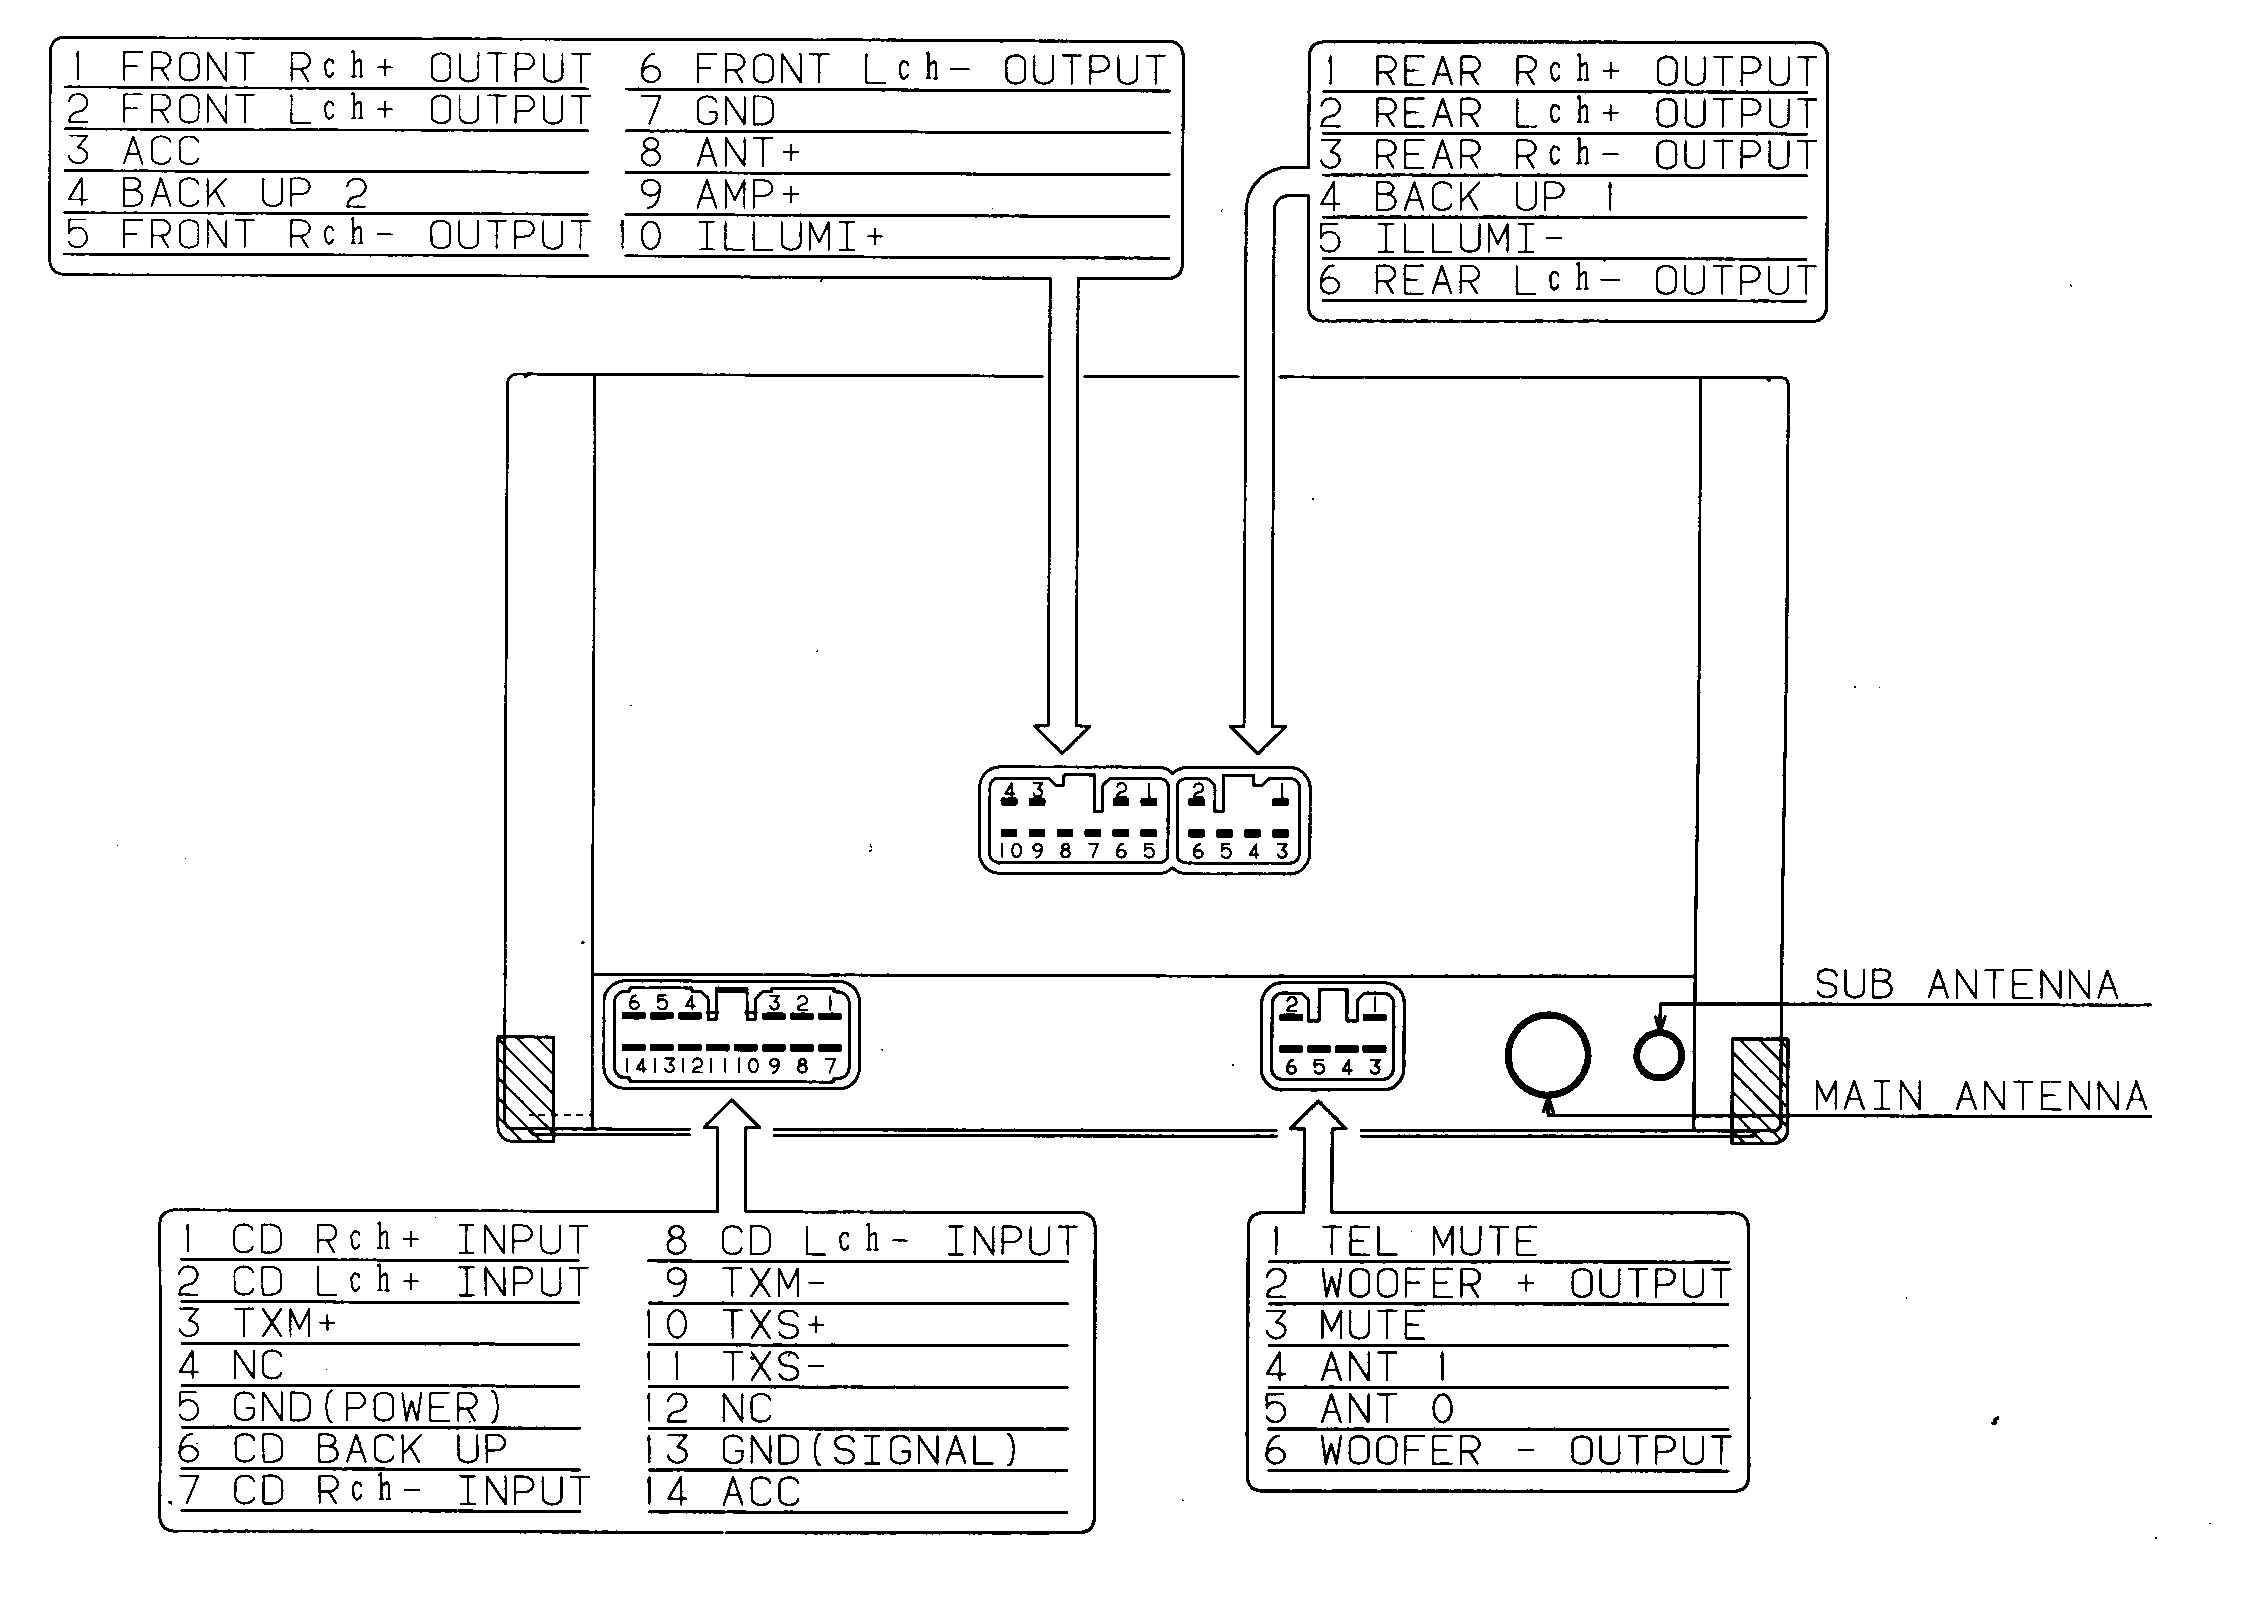 Bose Car Stereo Wiring Diagram Car Audio Wiring Diagram original Stereo Repair Wire Harness Codes Of Bose Car Stereo Wiring Diagram